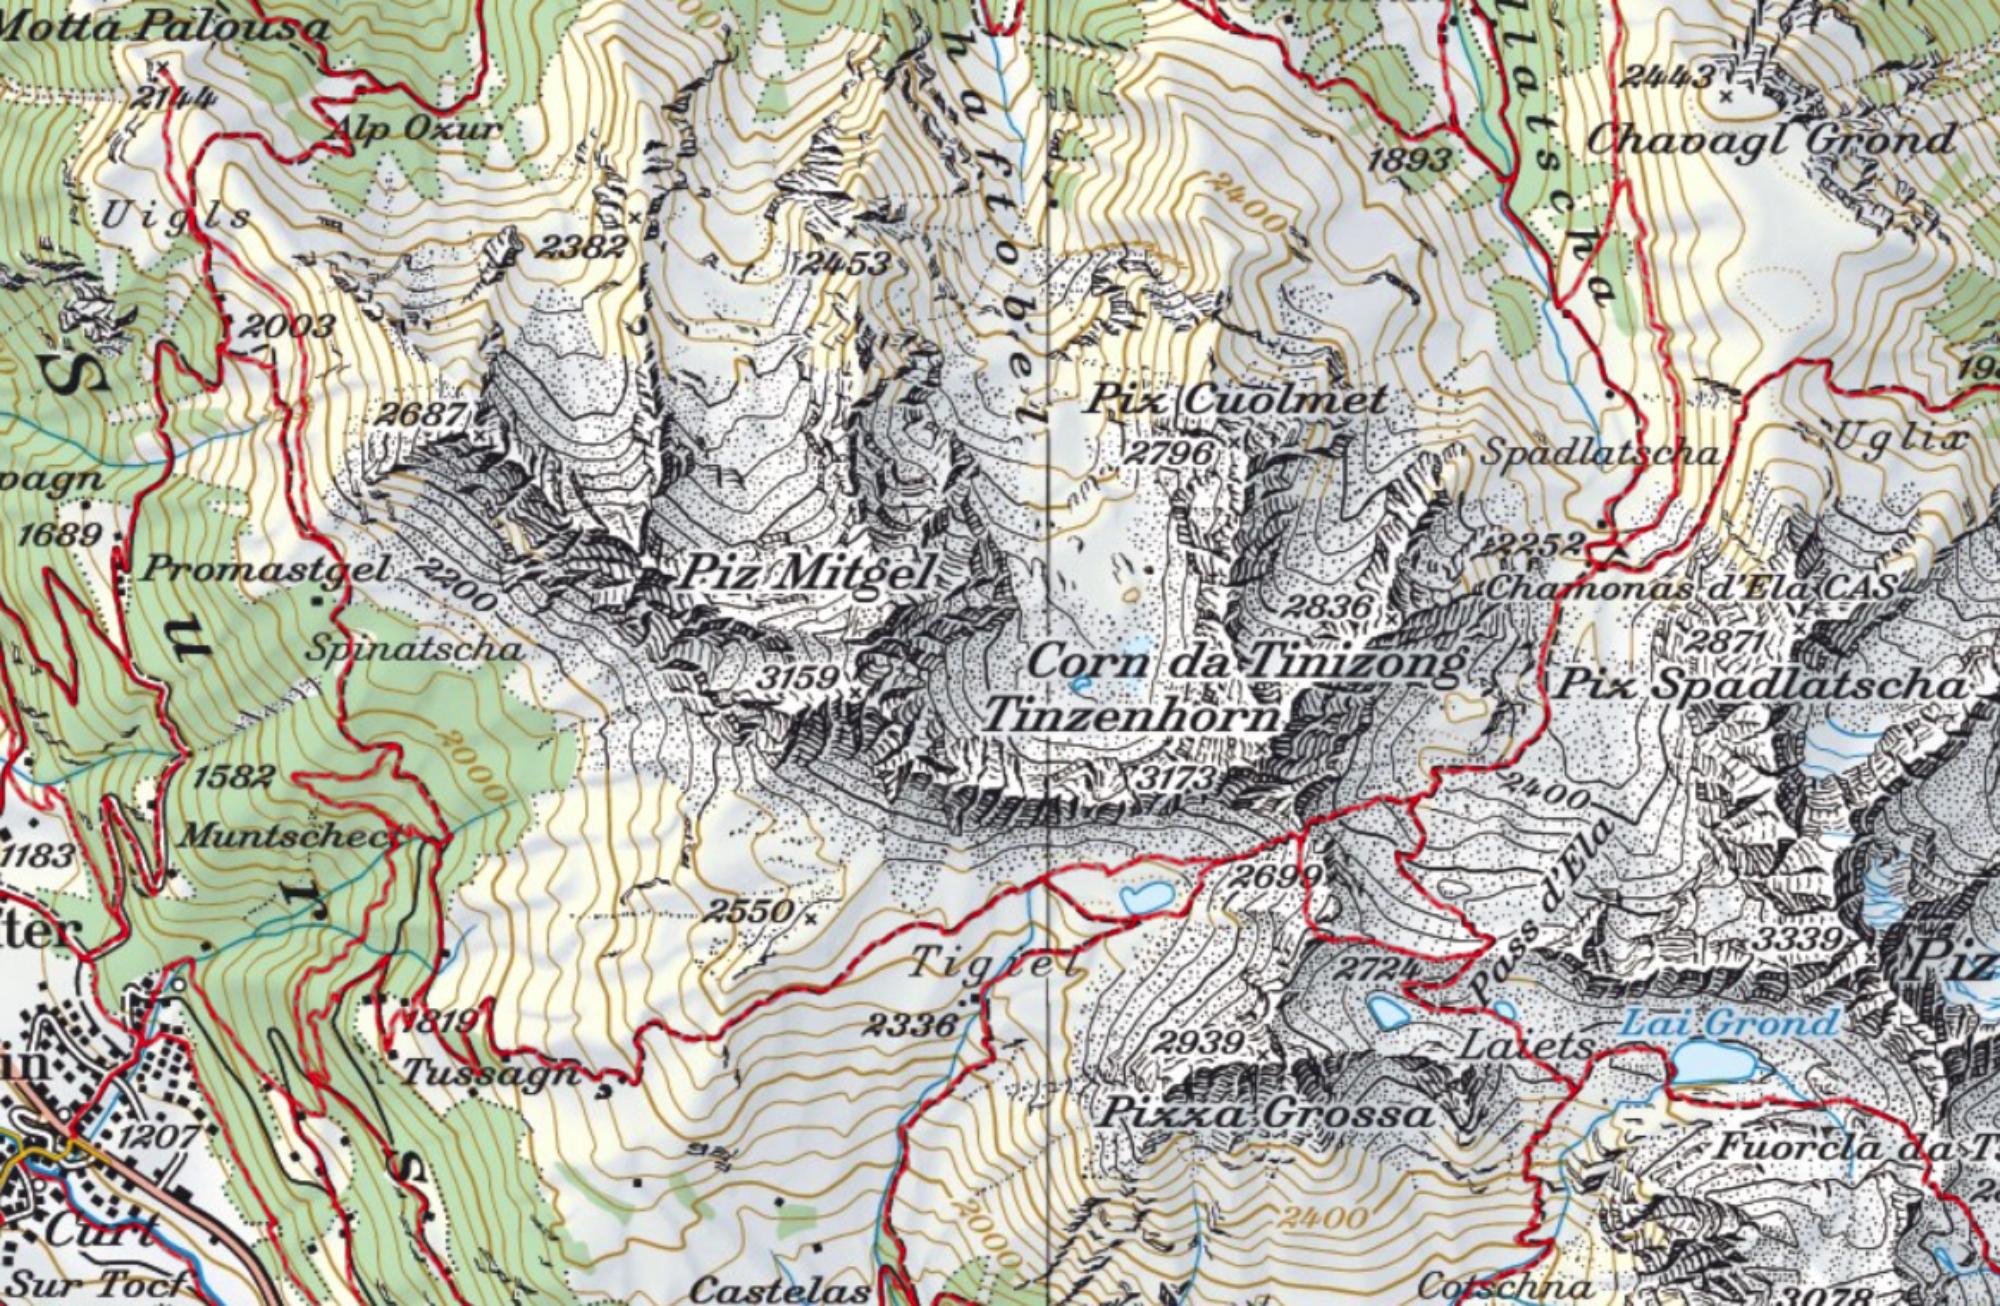 La Cartina Geografica Della Svizzera.Il Pazzesco Geoportale Della Svizzera Dati Geografici